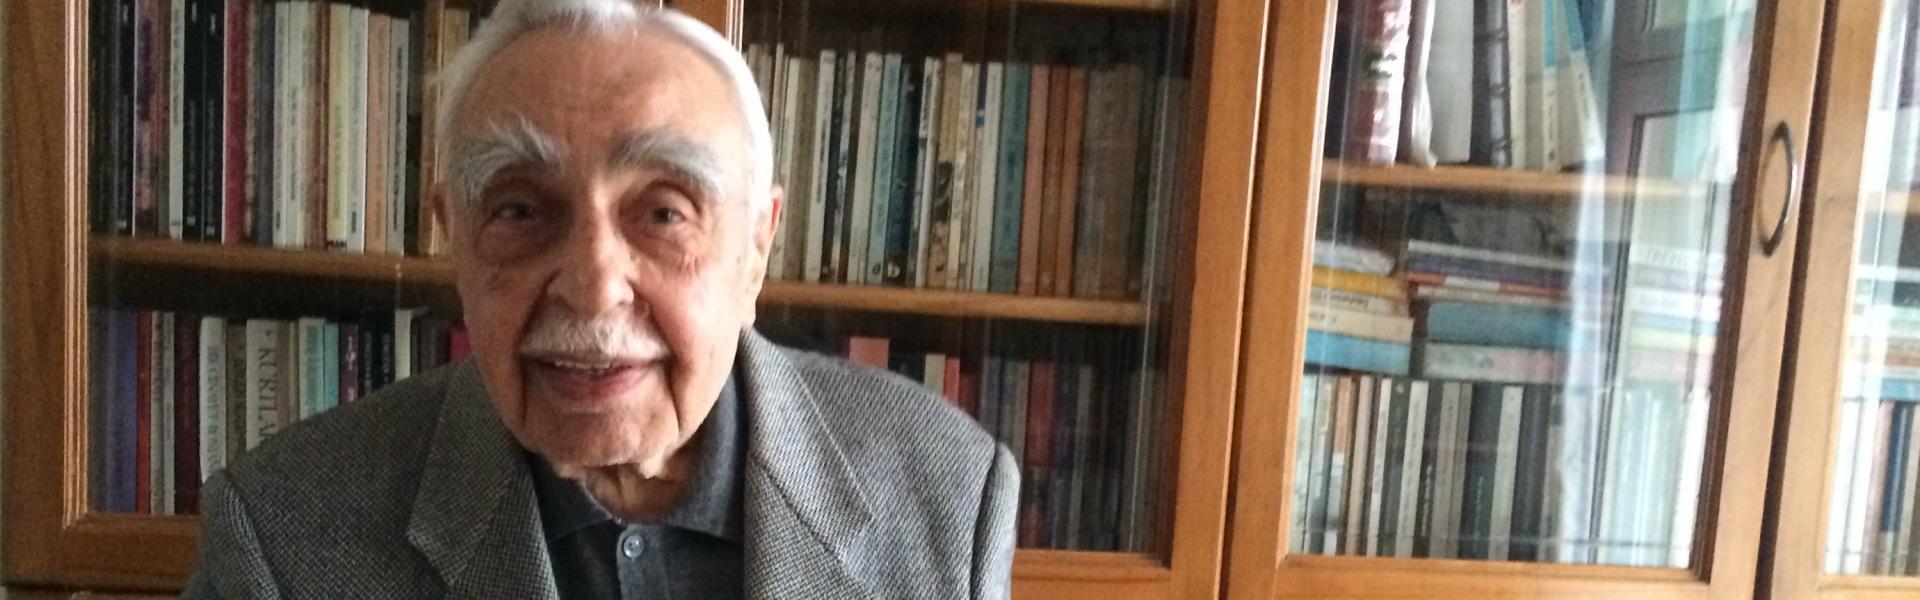 Tarık Ziya Ekinci: Türkiye, Afrin'de uzun süre kalacaktır